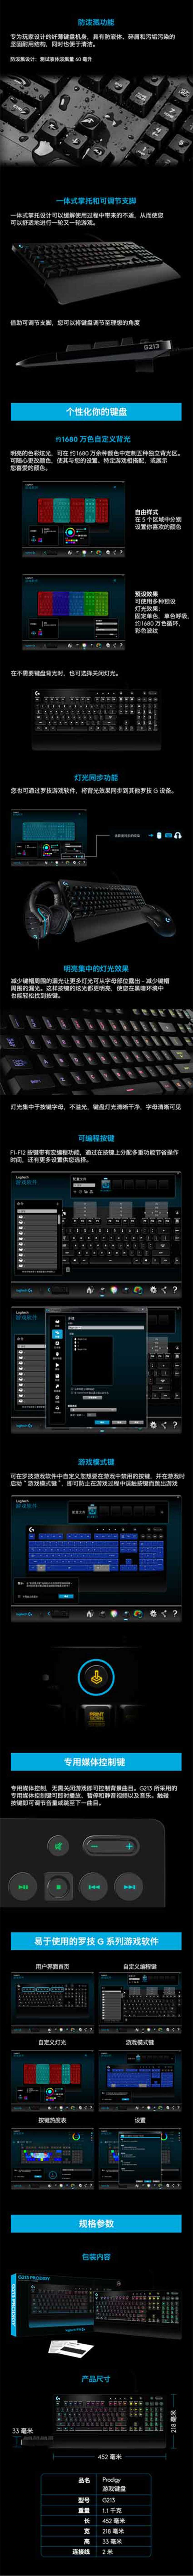 罗技(G)G213有线USB全尺寸RGB键盘 机械手感游戏发光LOL竞技背光键盘 G213 RGB键盘